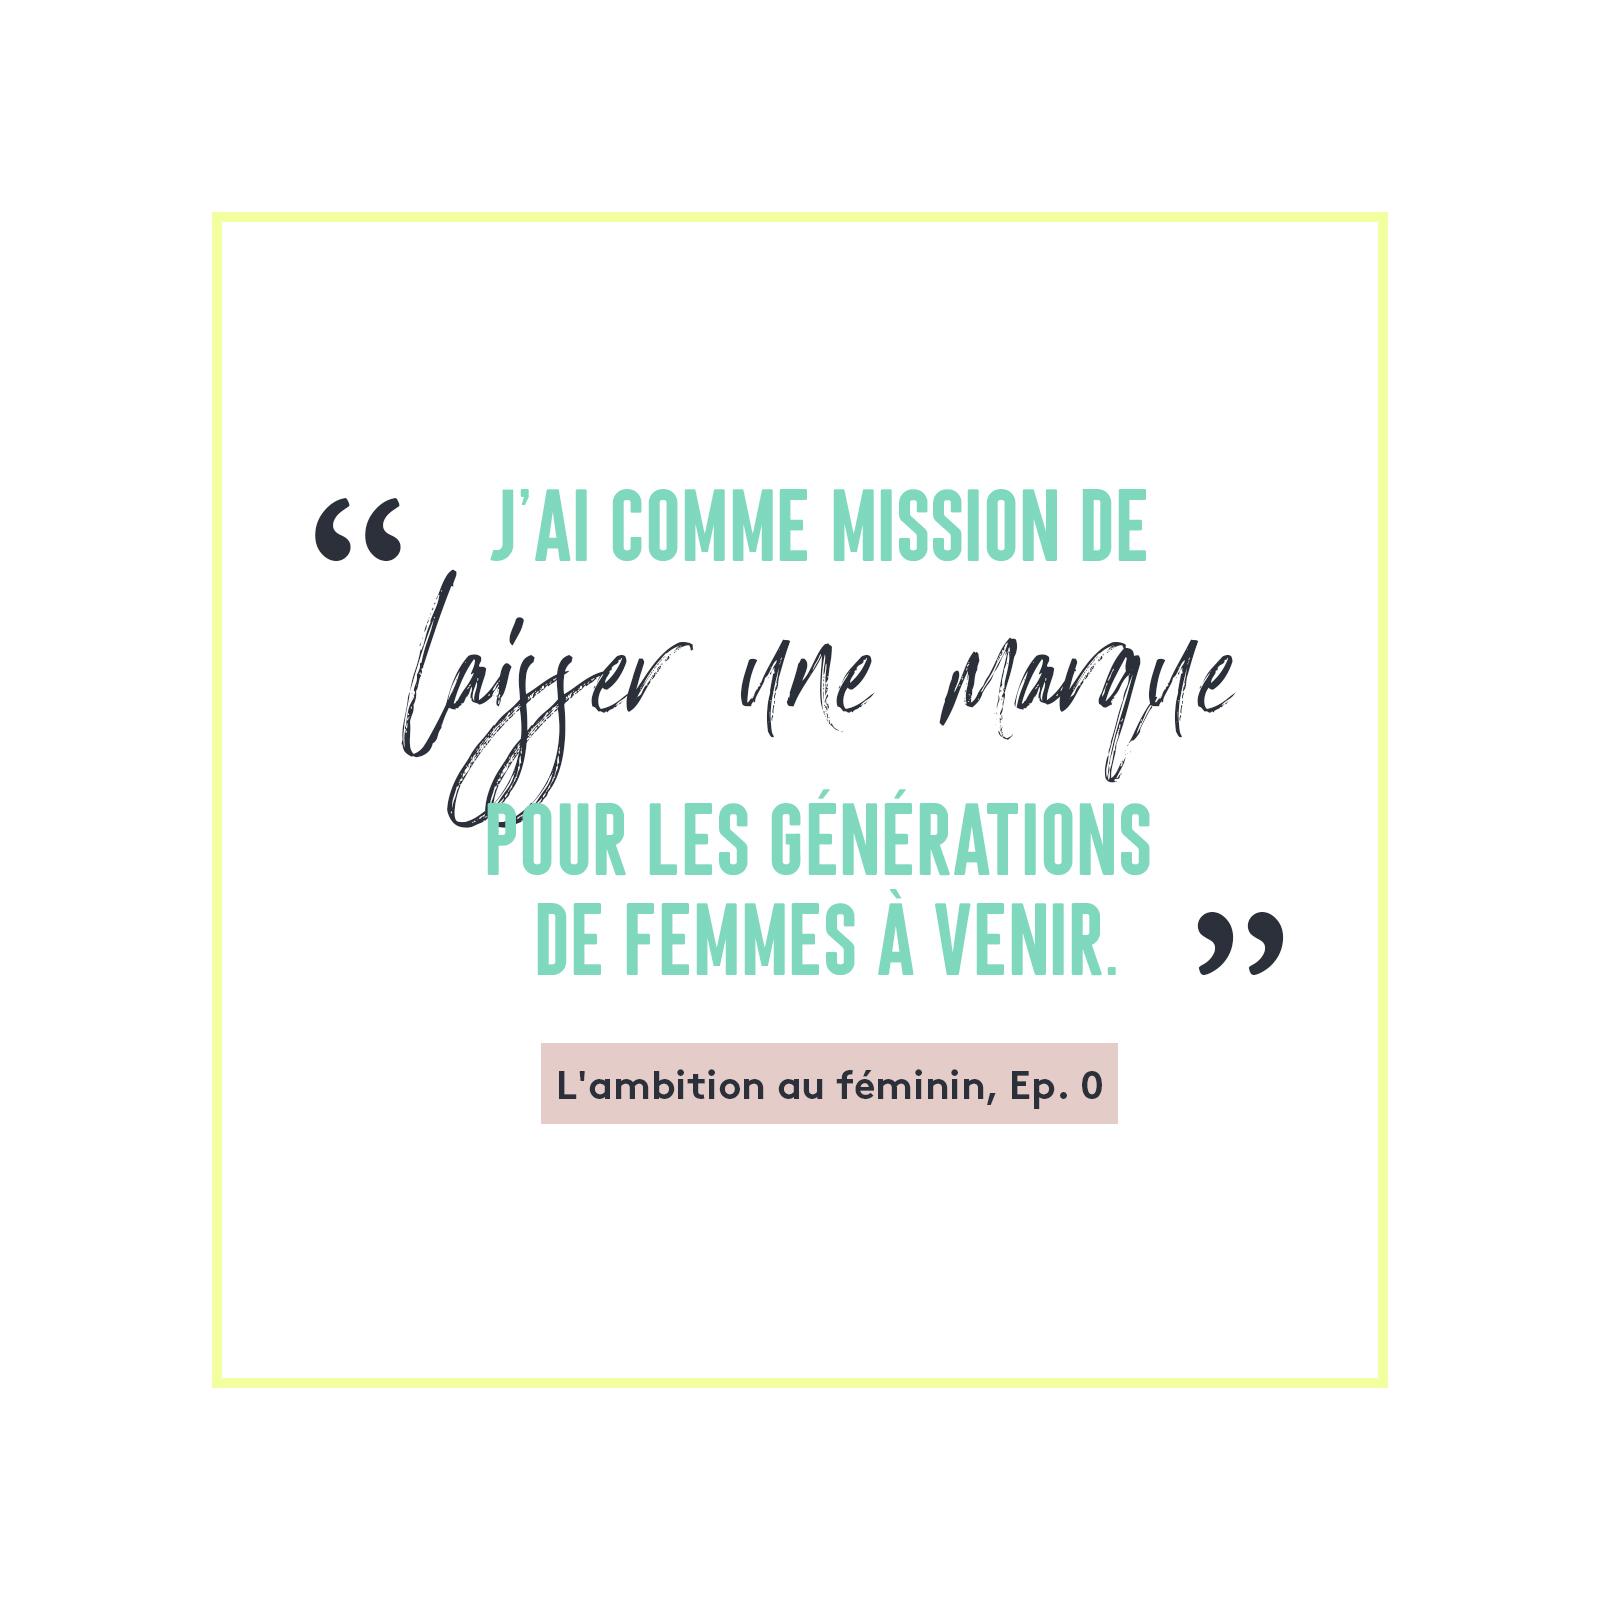 L'Ambition au Féminin, Ep. 0 - J'ai comme mission de laisser une marque pour les générations de femmes à venir.